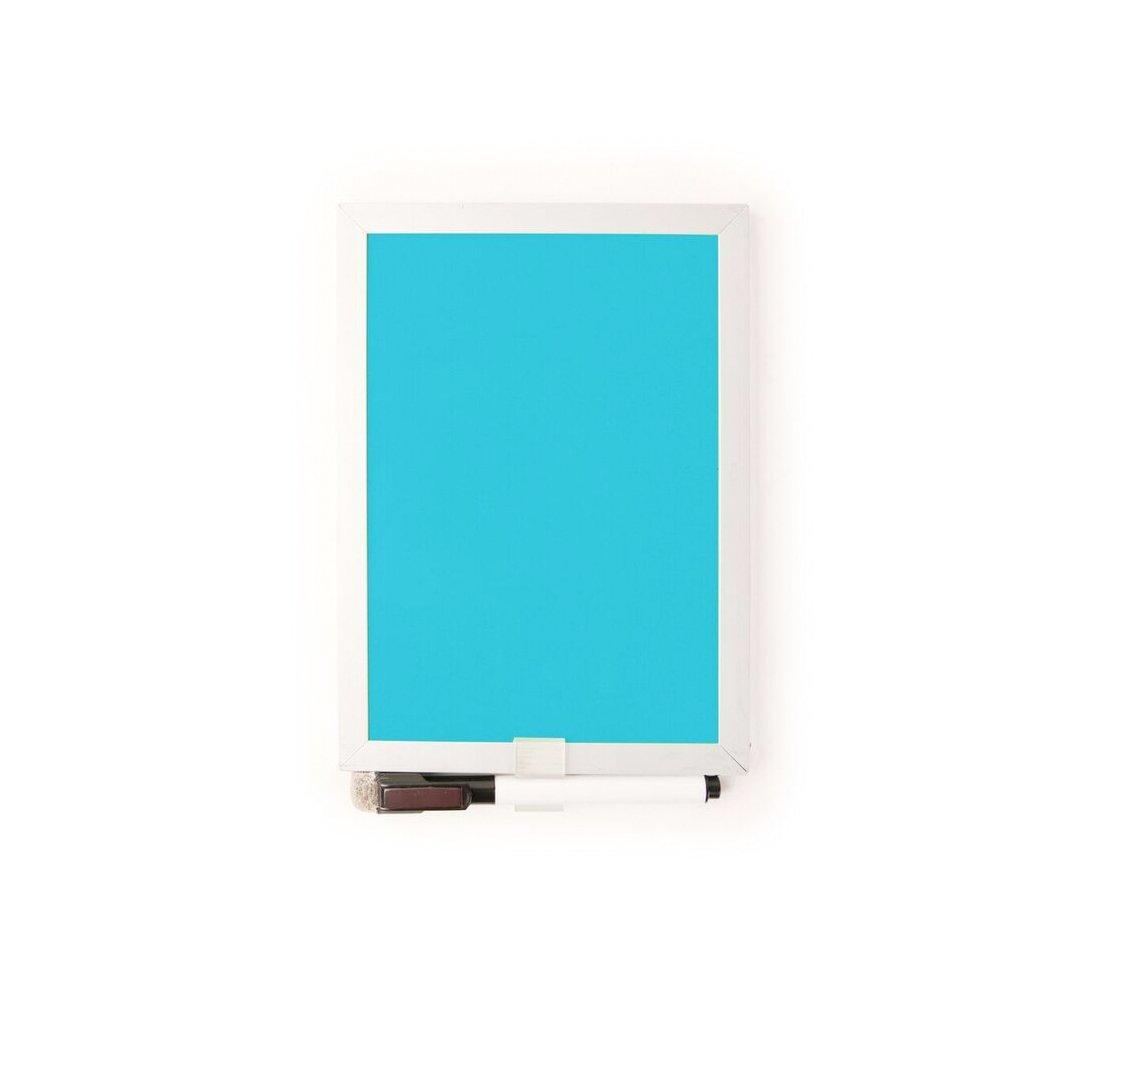 Kikkerland Mini Dry Erase Board, Assorted Colors (MH09-A) Kikkerland Design